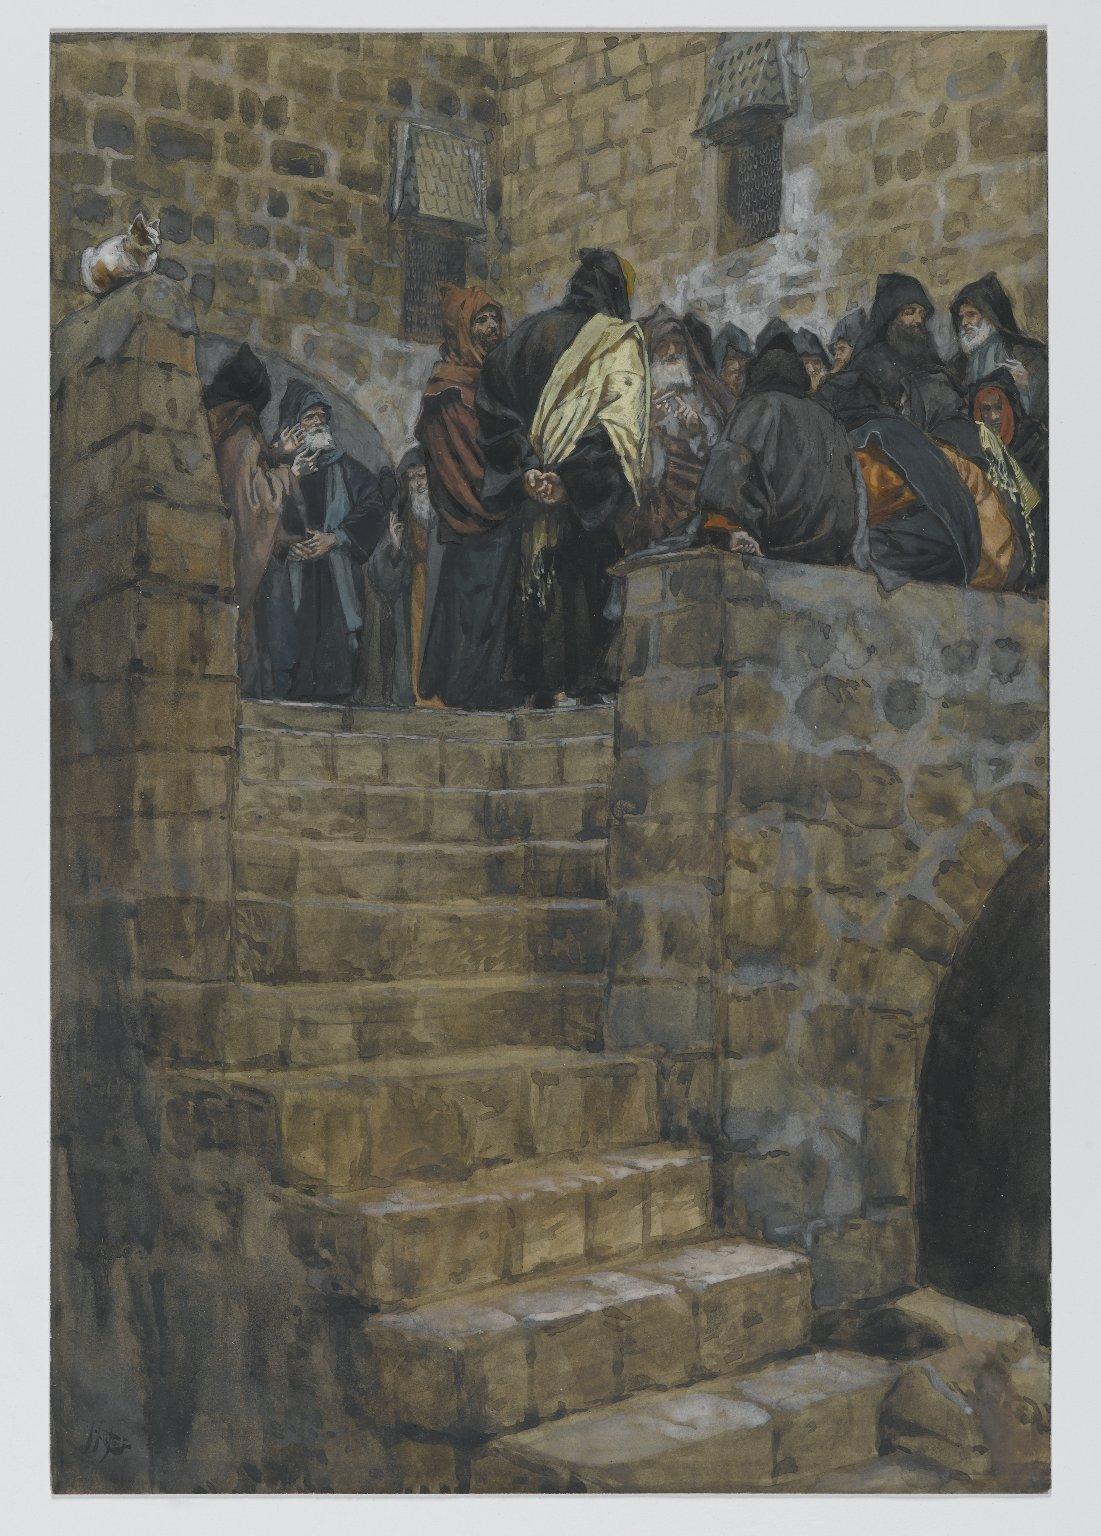 187. Совет Каиафы, 1886-94, 26.4 x 18.1 cm, Бумага, акварель по графиту